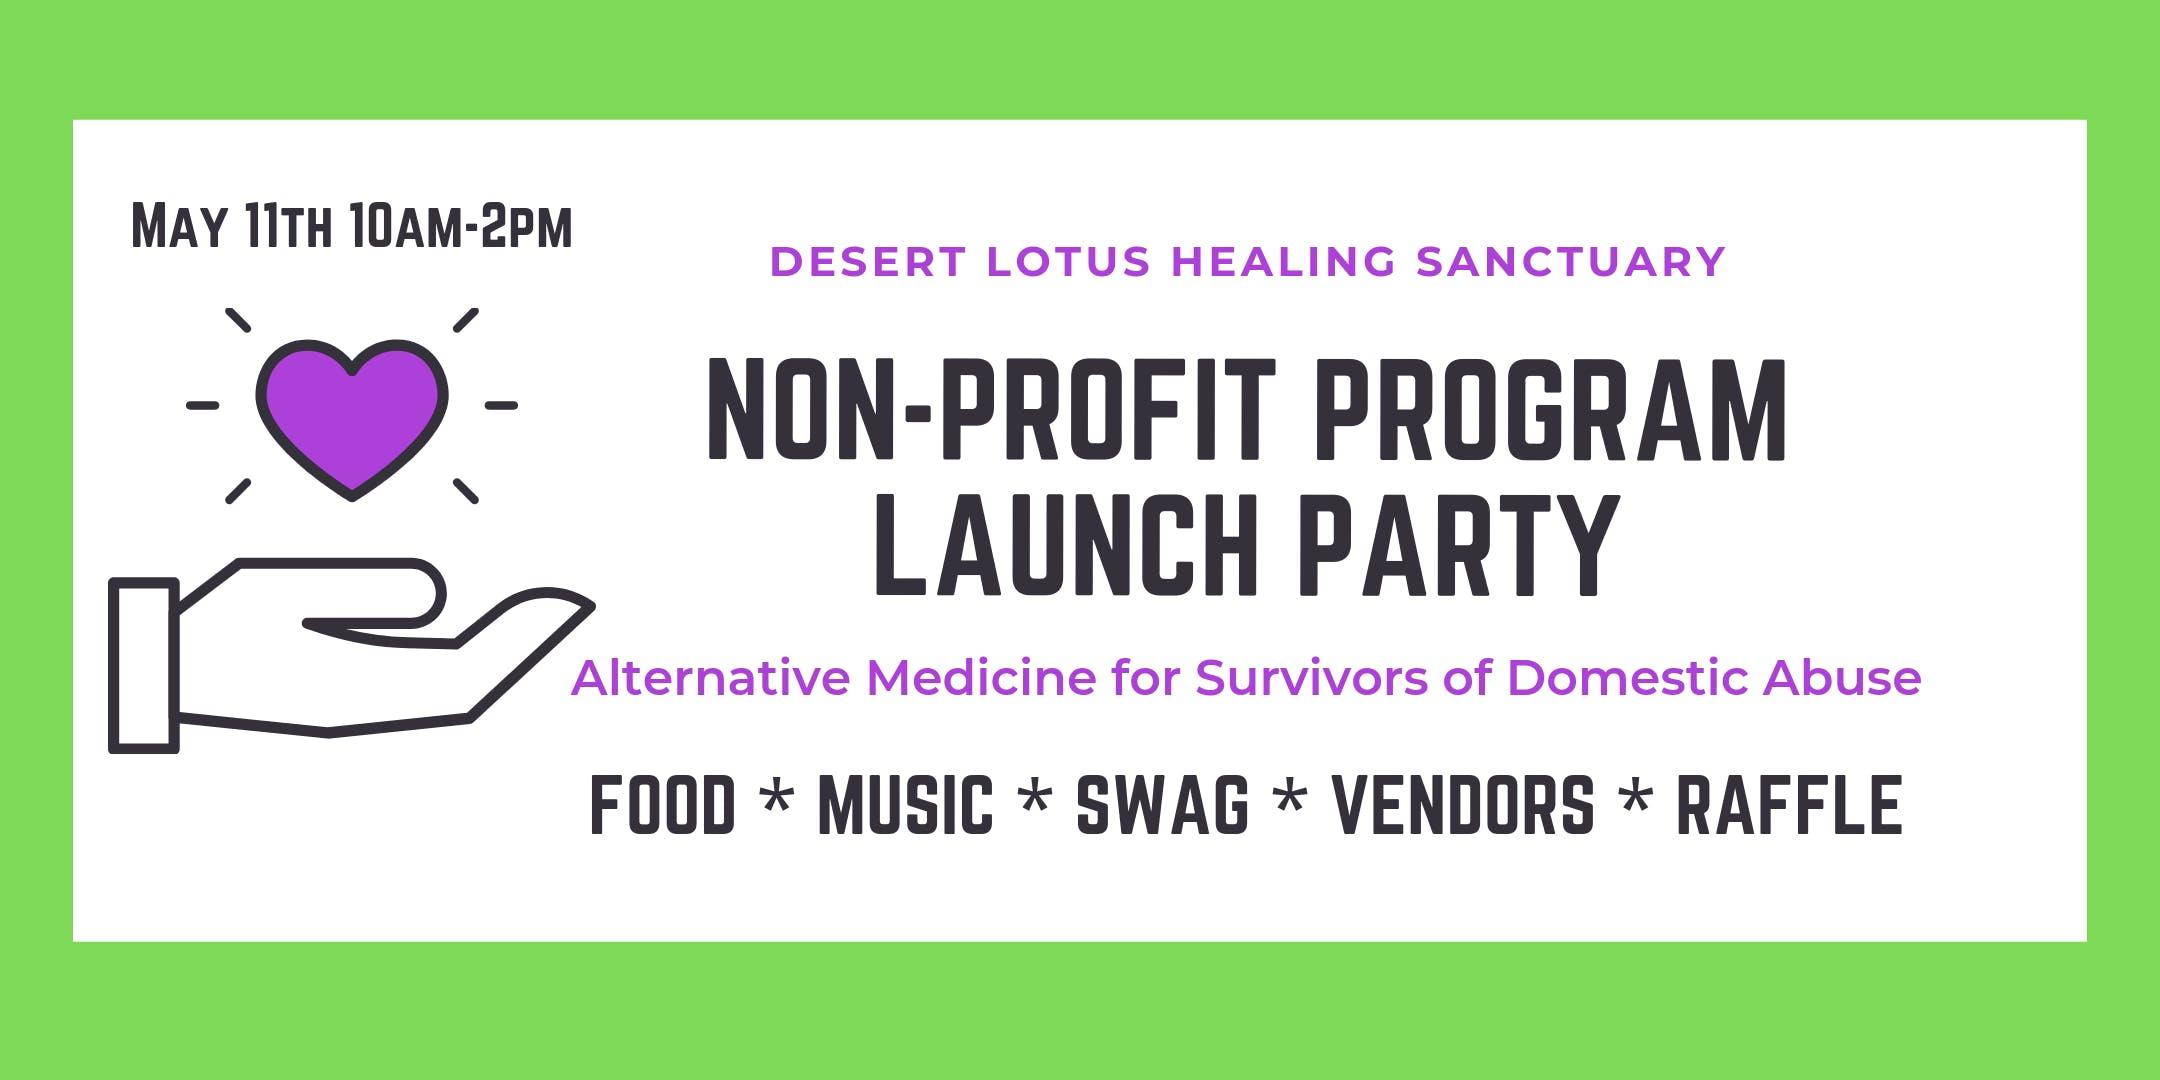 Non-Profit Program Launch Party